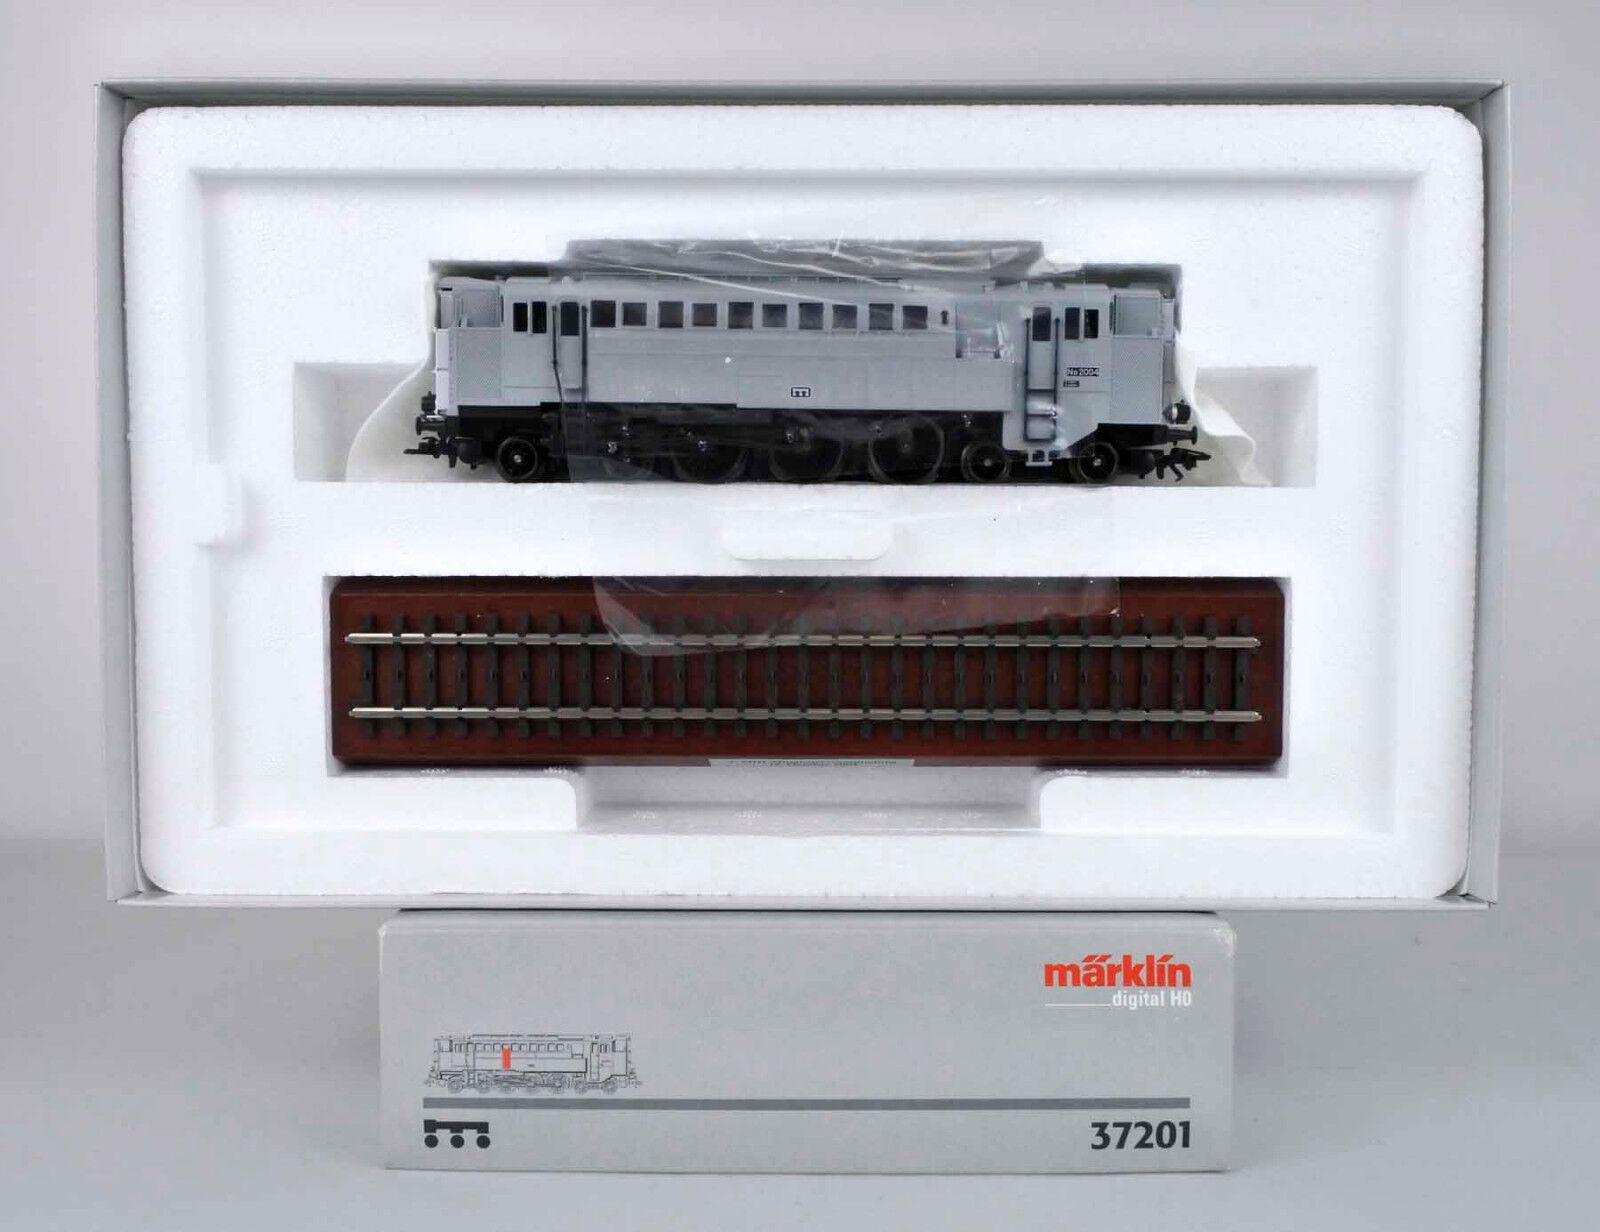 tiendas minoristas Marklin Marklin Marklin Digital HO escala 37201 DRG V3201 motor diesel de presión de aire  2004  hasta un 50% de descuento